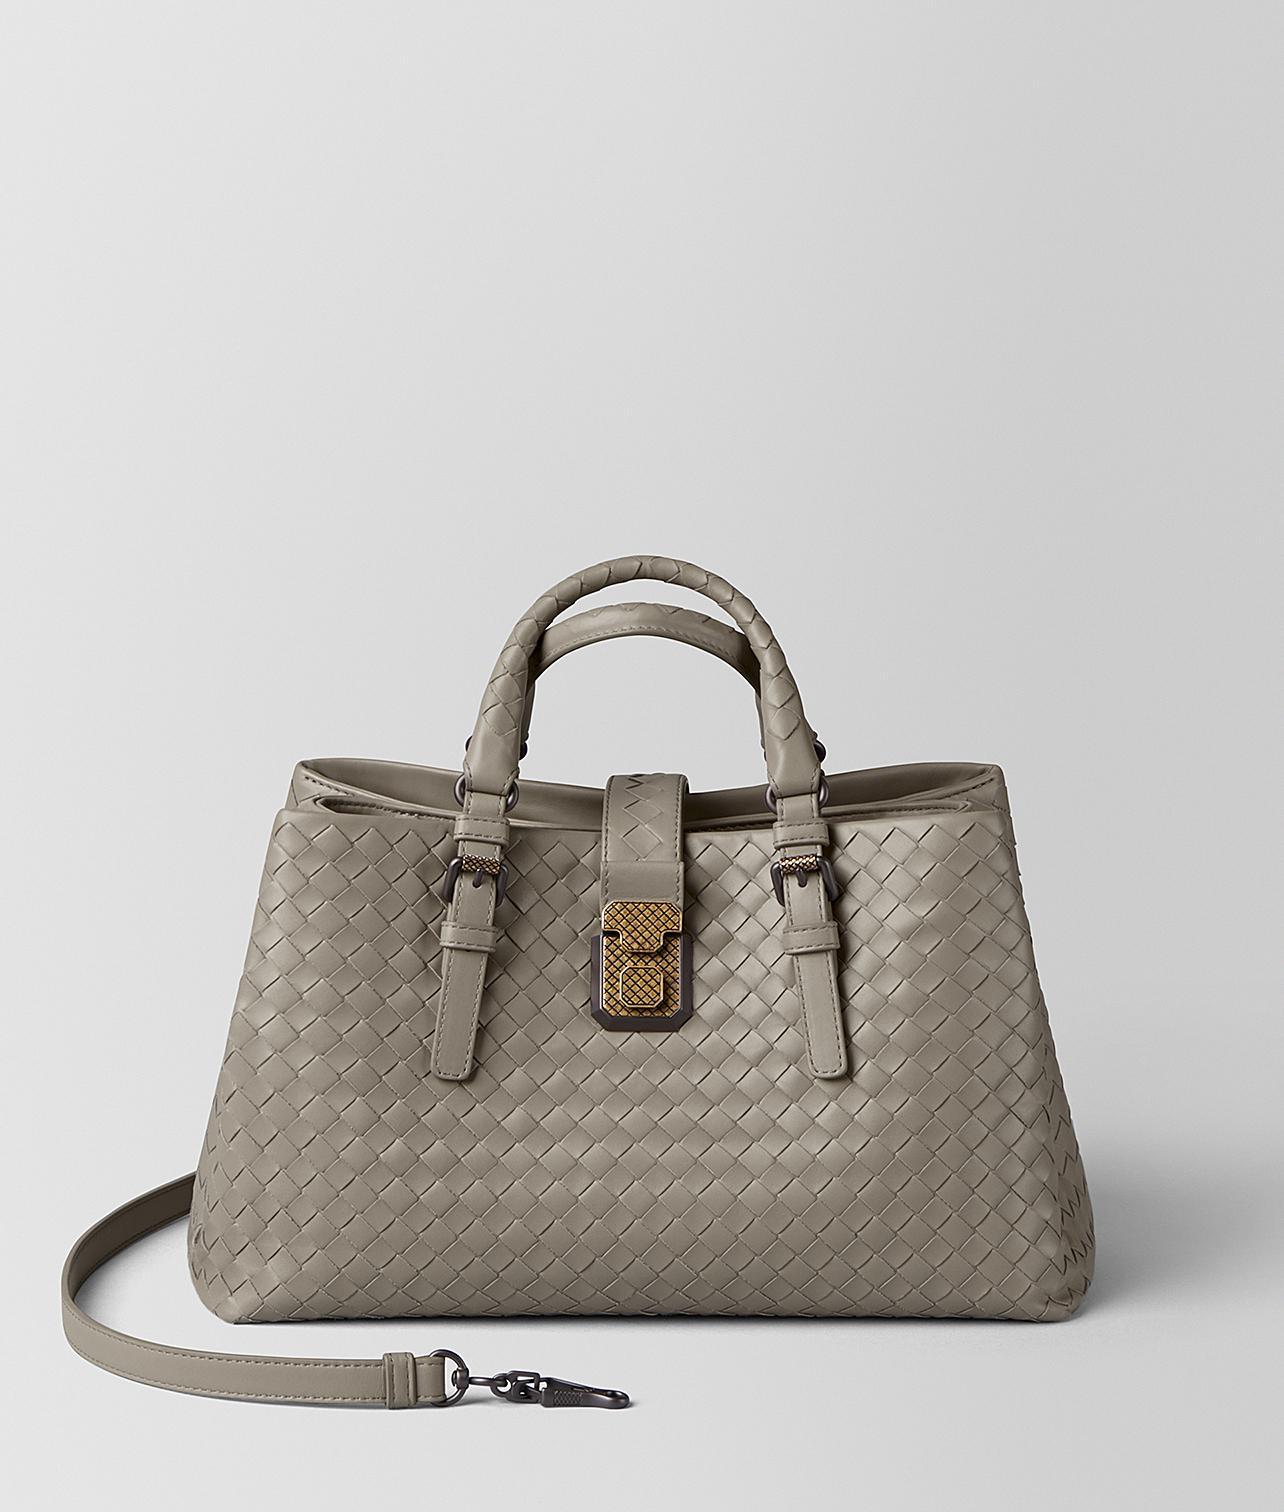 faa3025a8f55 Bottega Veneta. Women s Dark Cement Intrecciato Calf Roma Bag